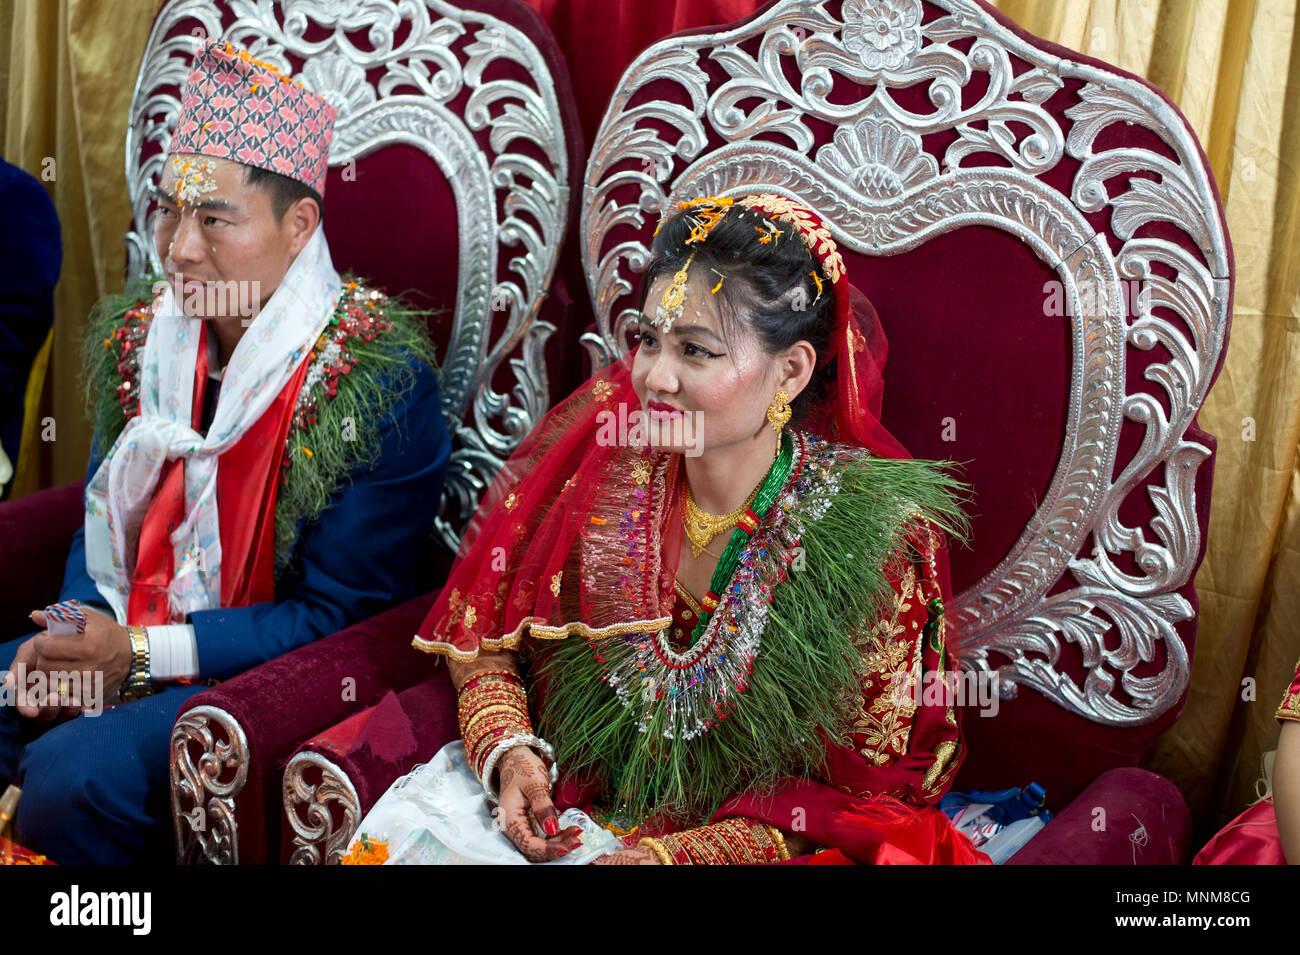 Matrimonio In Nepal : Il nepal kathmandu. un matrimonio. la sposa e lo sposo sui loro